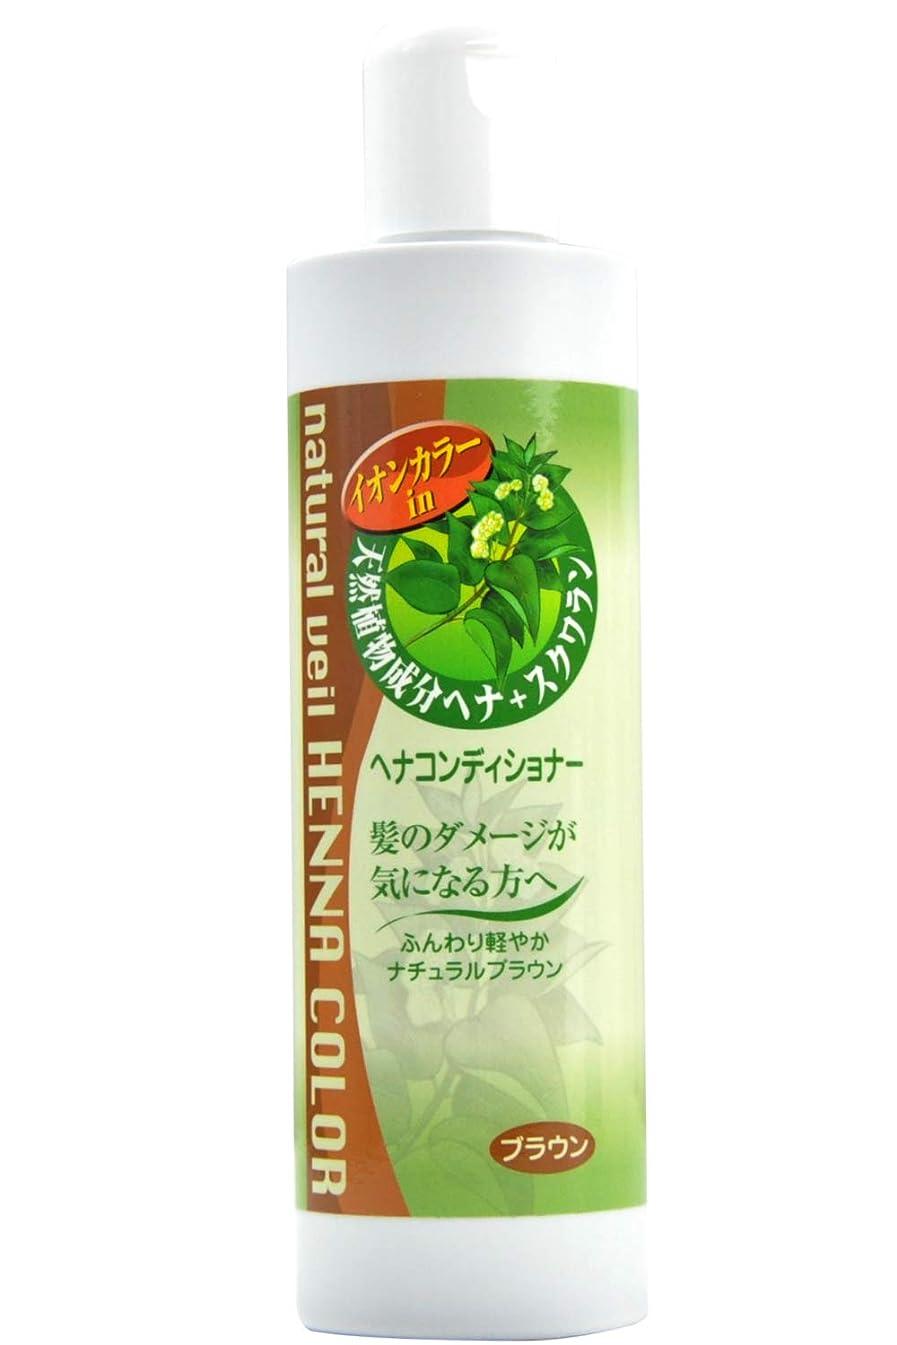 原因実行可能六分儀ヘナ コンディショナー1本300ml【ブラウン】 洗い流すたびに少しずつムラなく髪が染まる 時間をおく必要なし 洗い流すだけ ヘアカラー 白髪 染め 日本製 Ho-90257